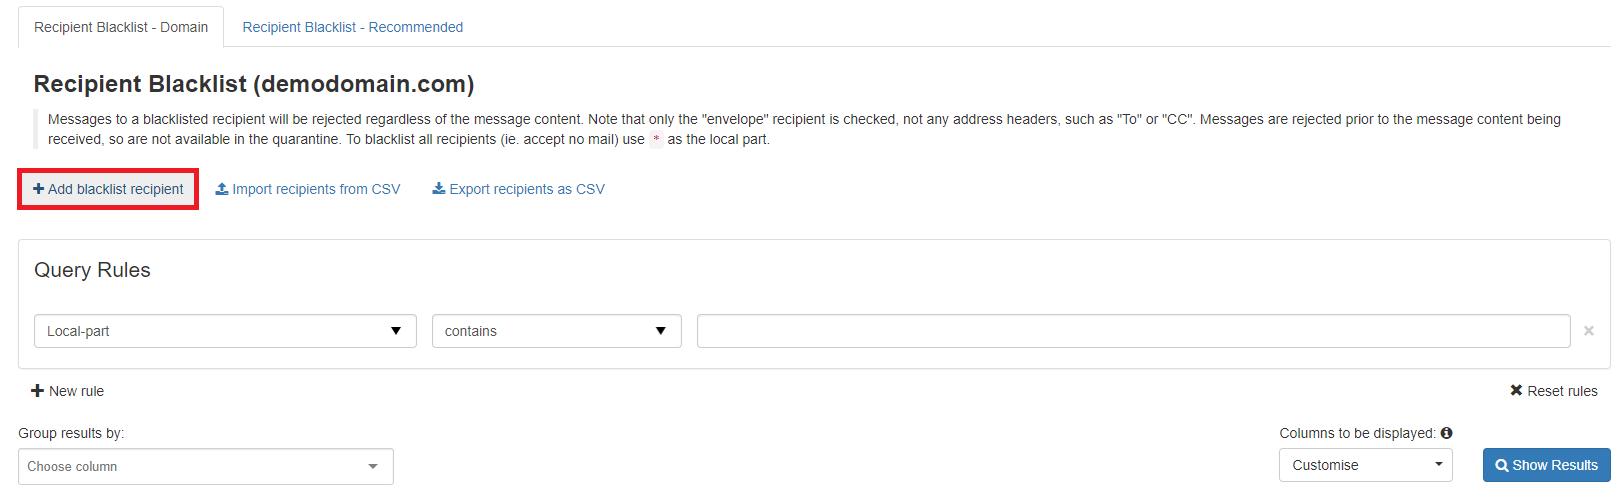 add_blacklist_recipient.png